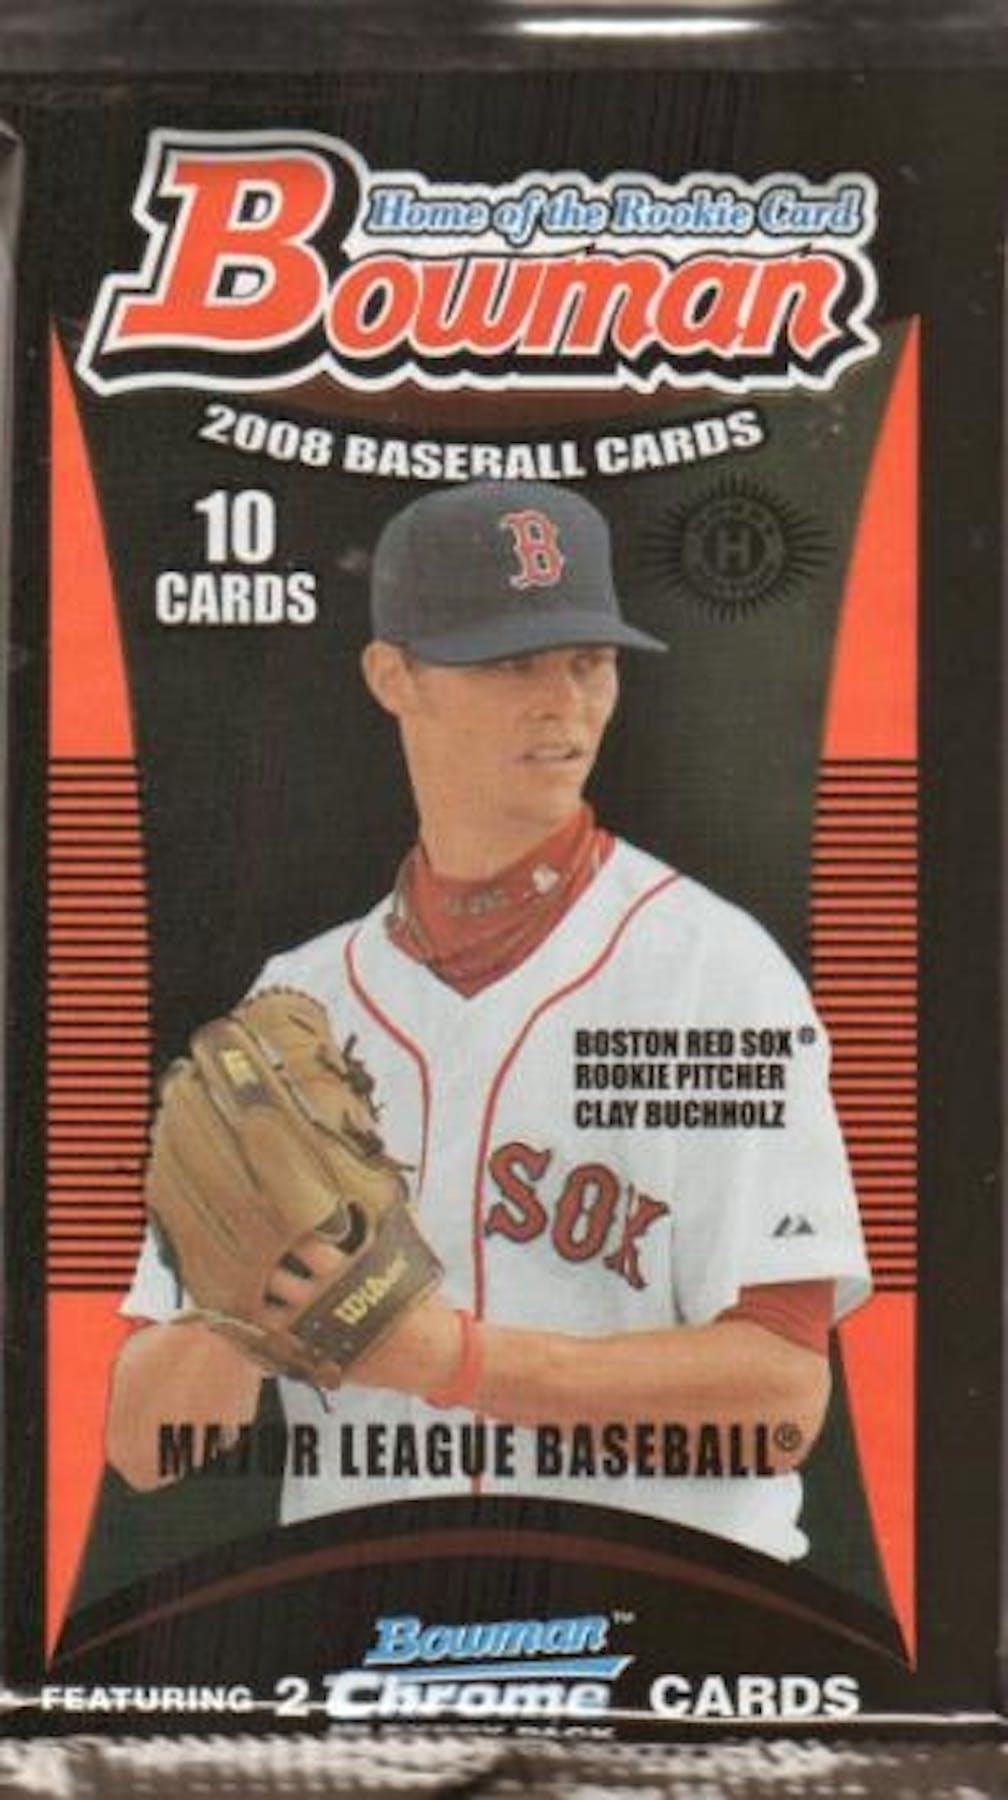 2008 Bowman Baseball Hobby Pack Da Card World